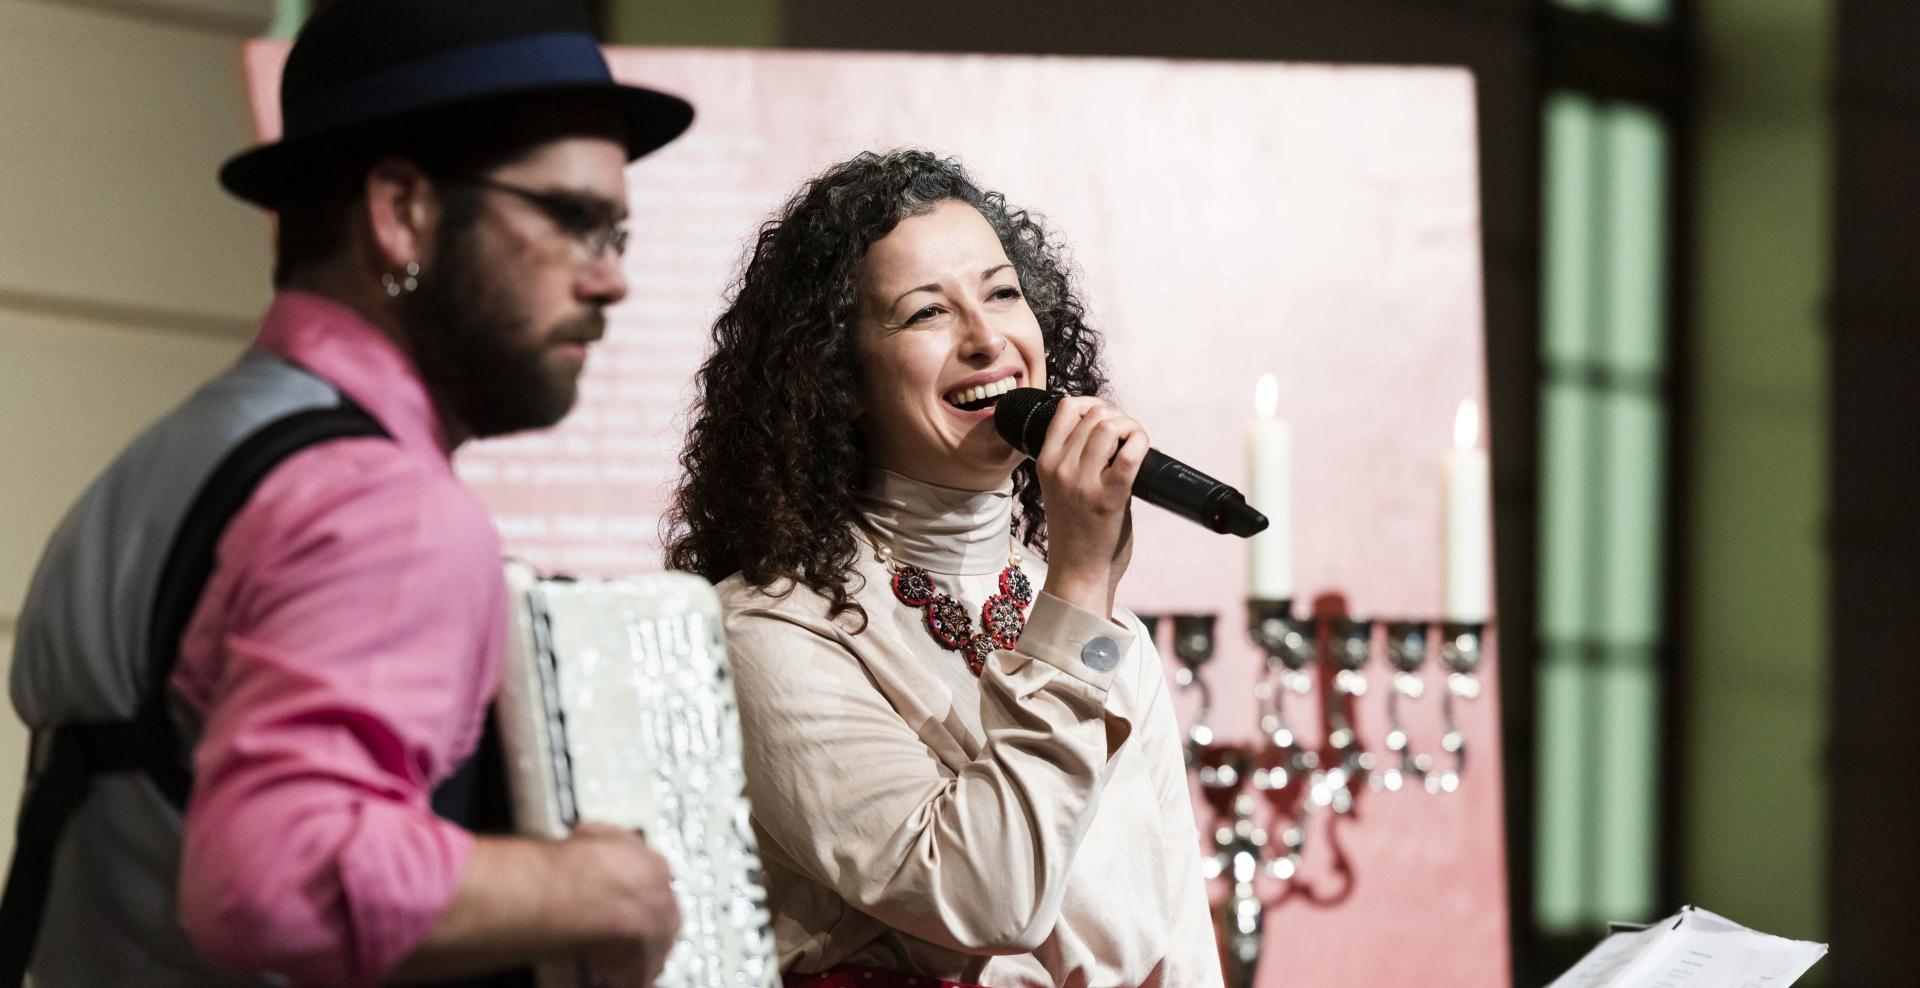 Ein Mann und eine Frau musizieren